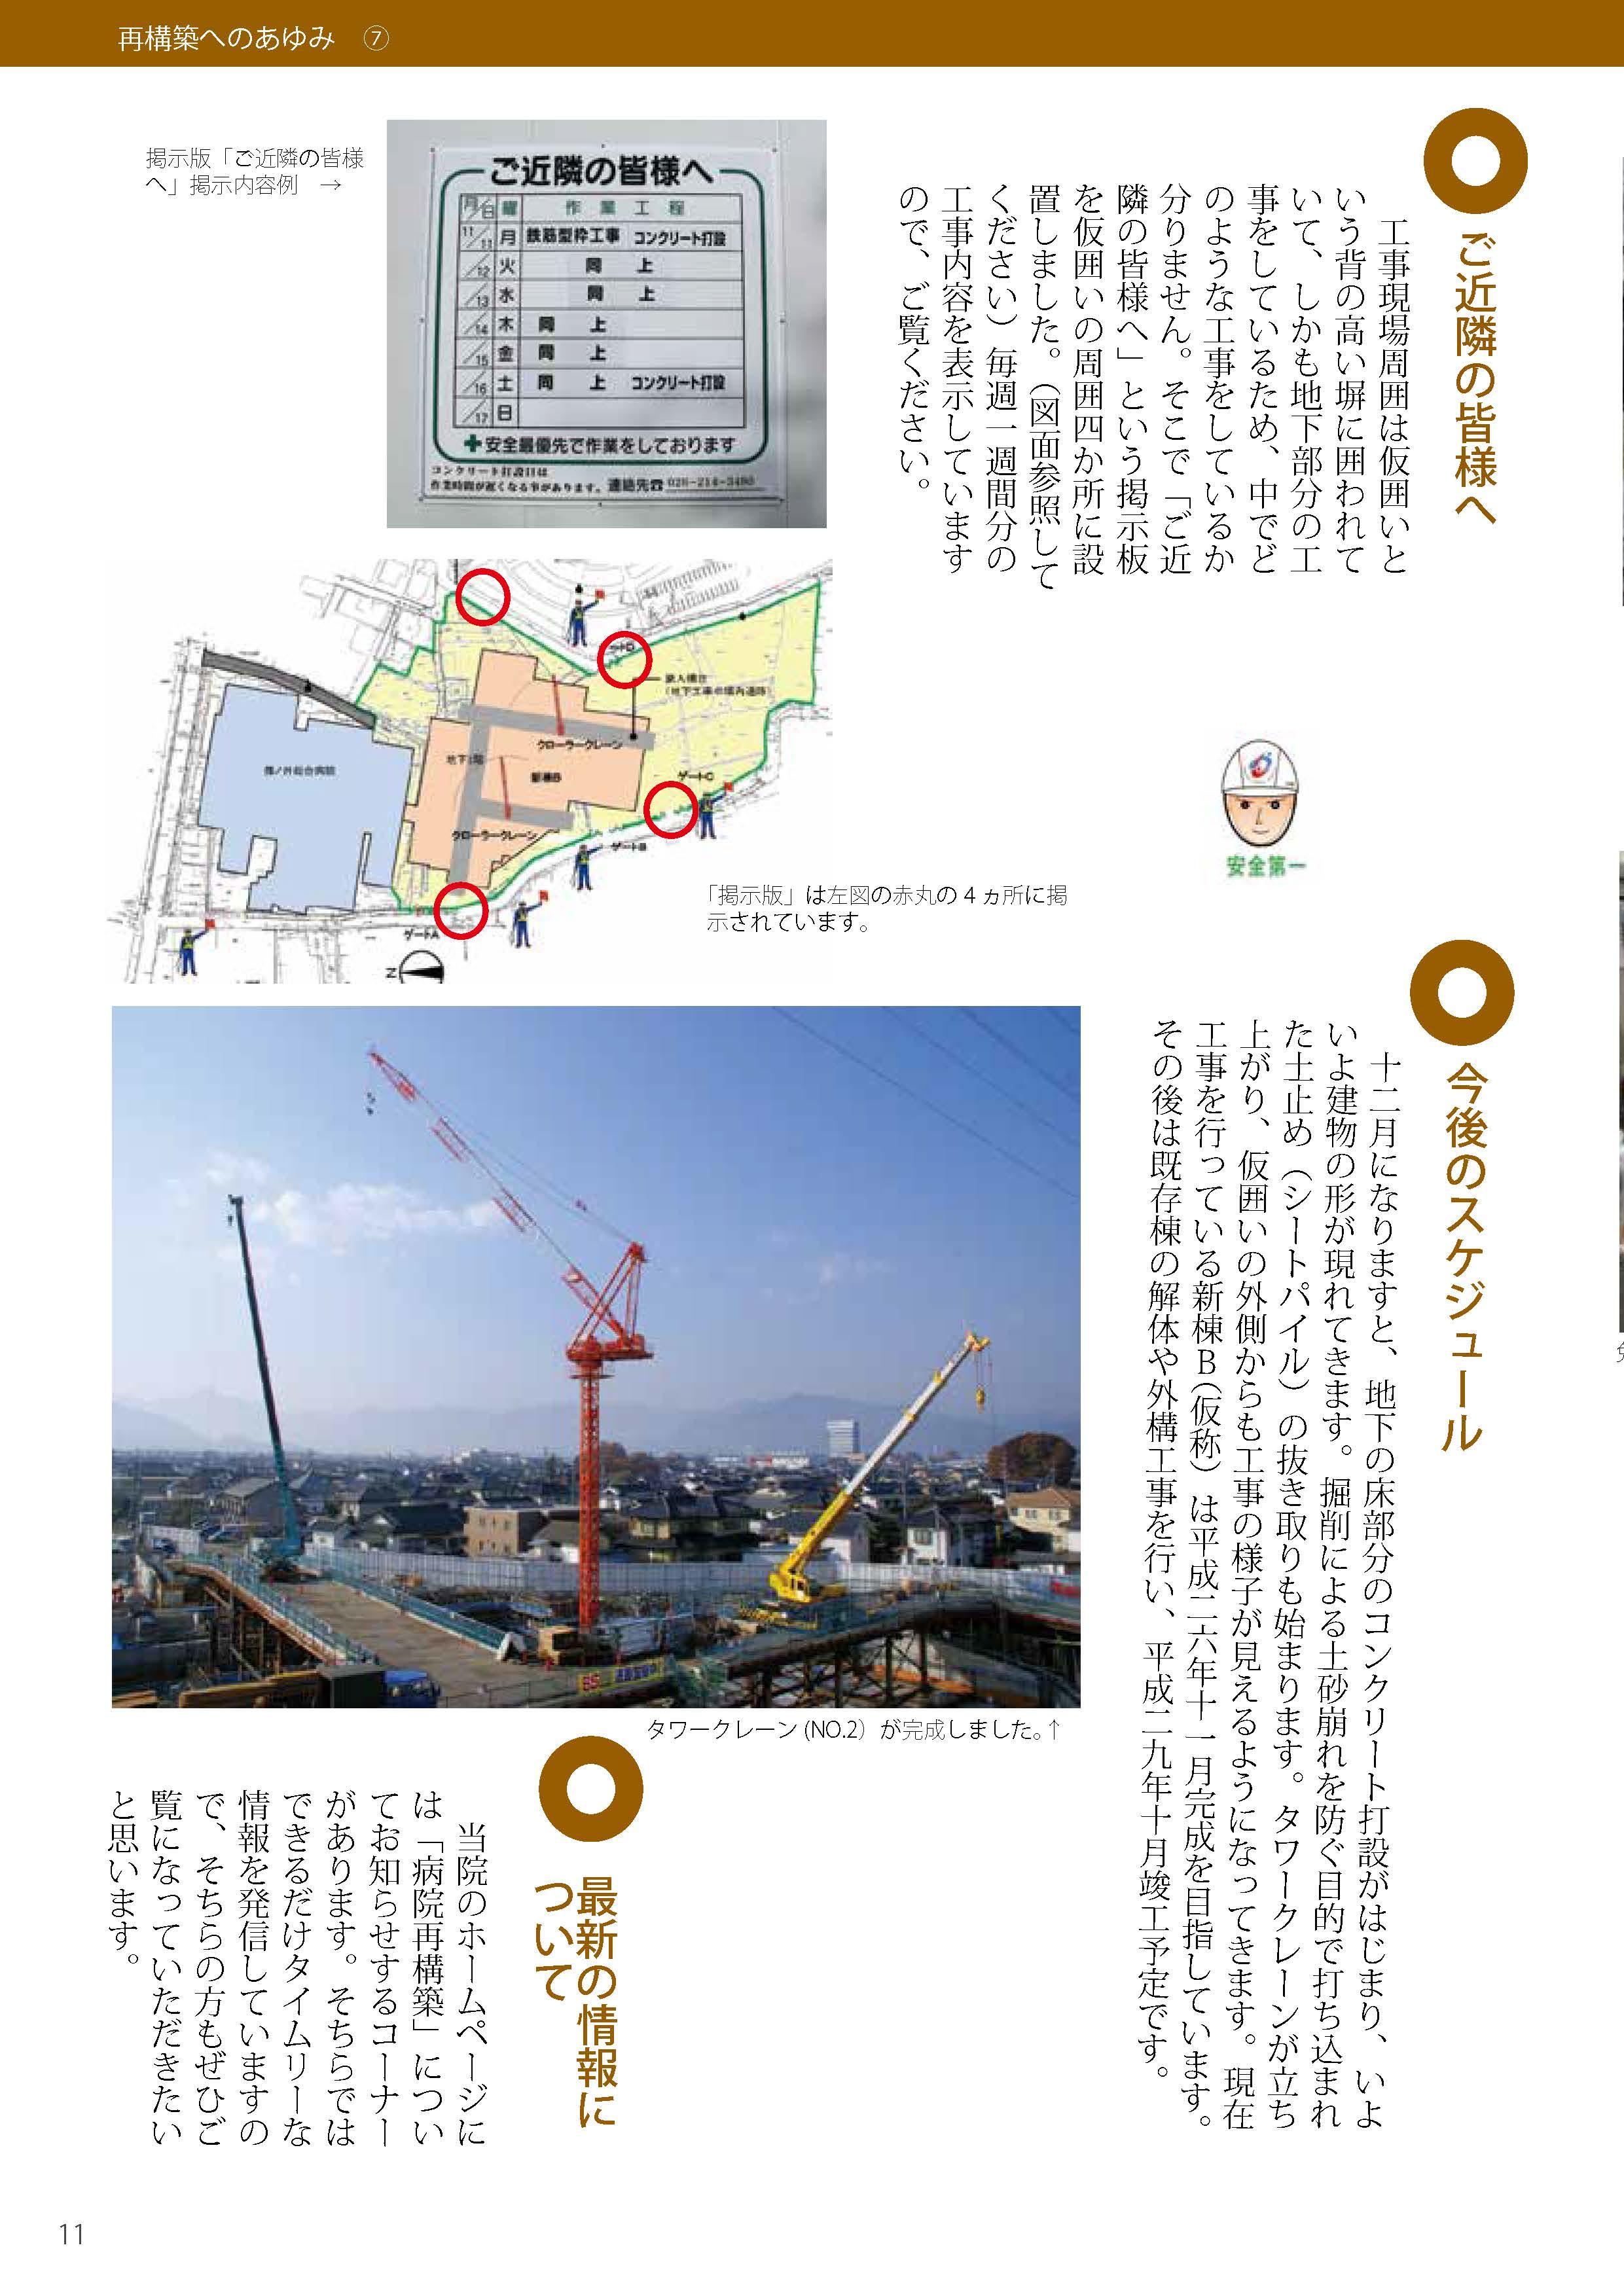 再構築のあゆみ7_ページ_4